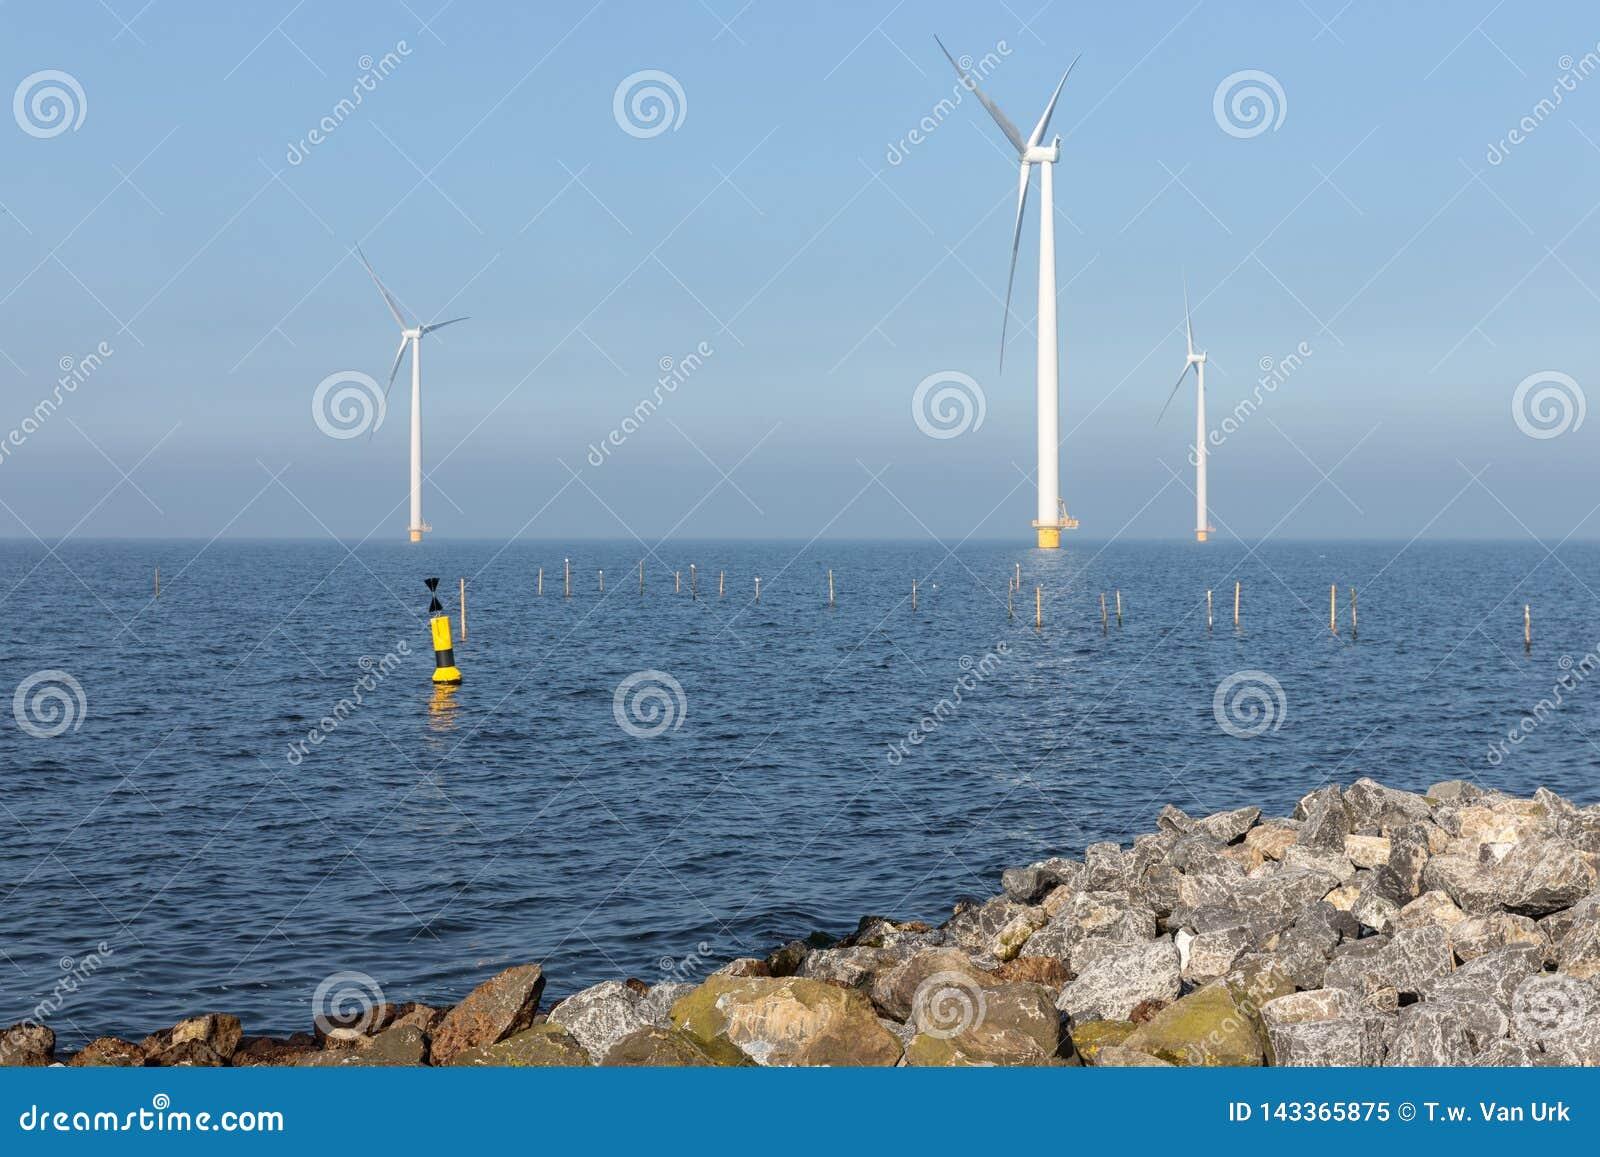 Παράκτιοι ανεμοστρόβιλοι κοντά στην ολλανδική ακτή με το σημαντήρα